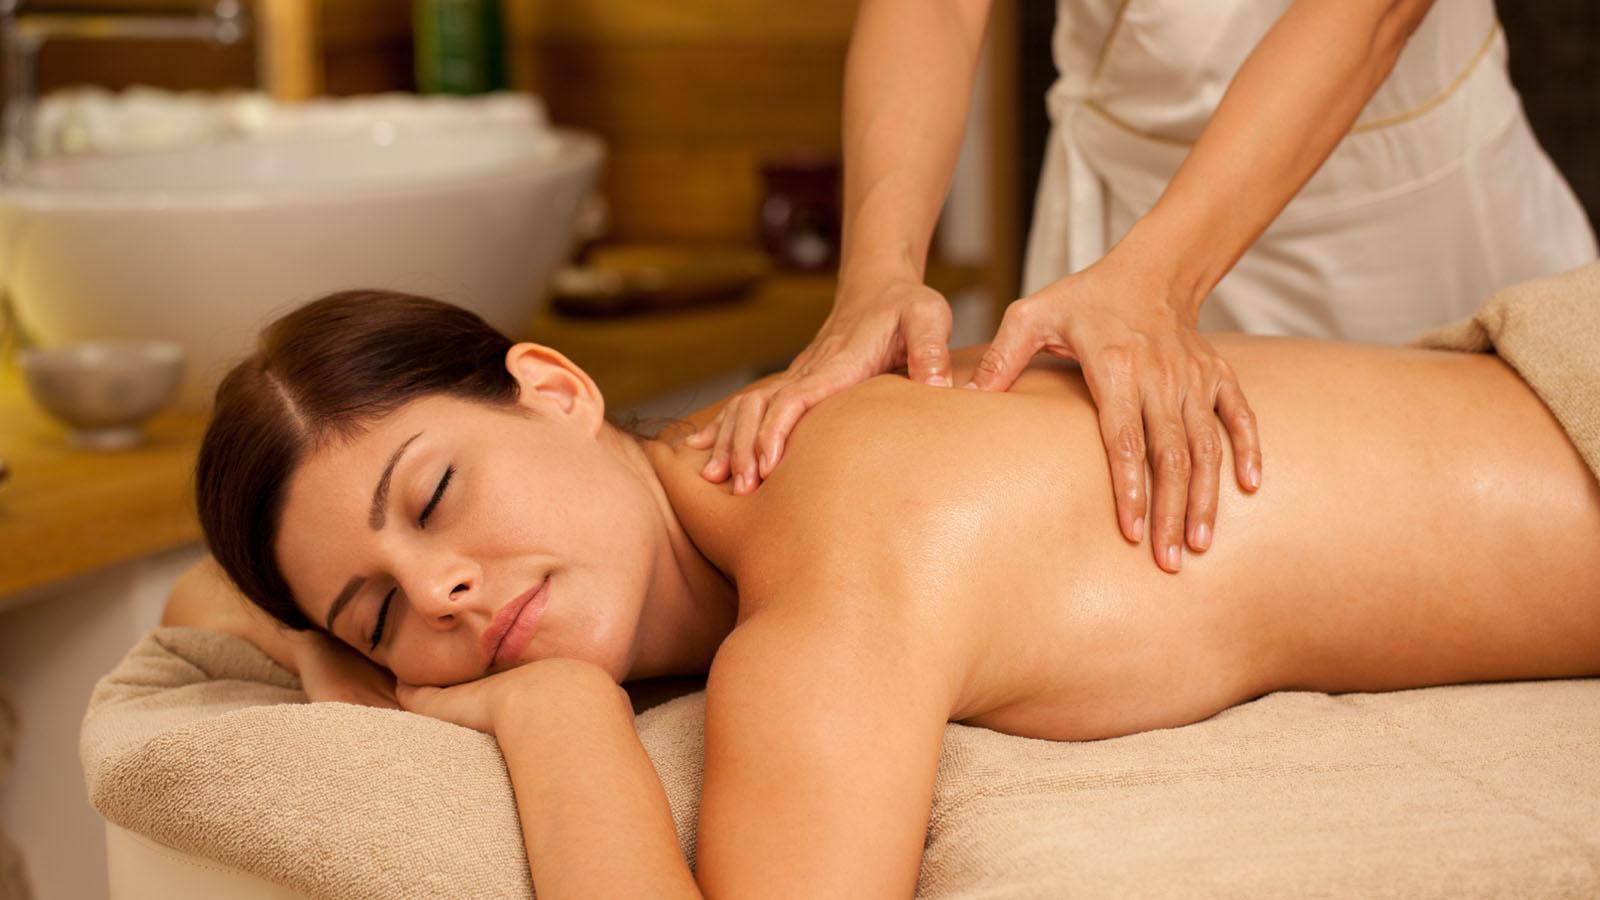 секс массаж для женщины среднего возраста - 14